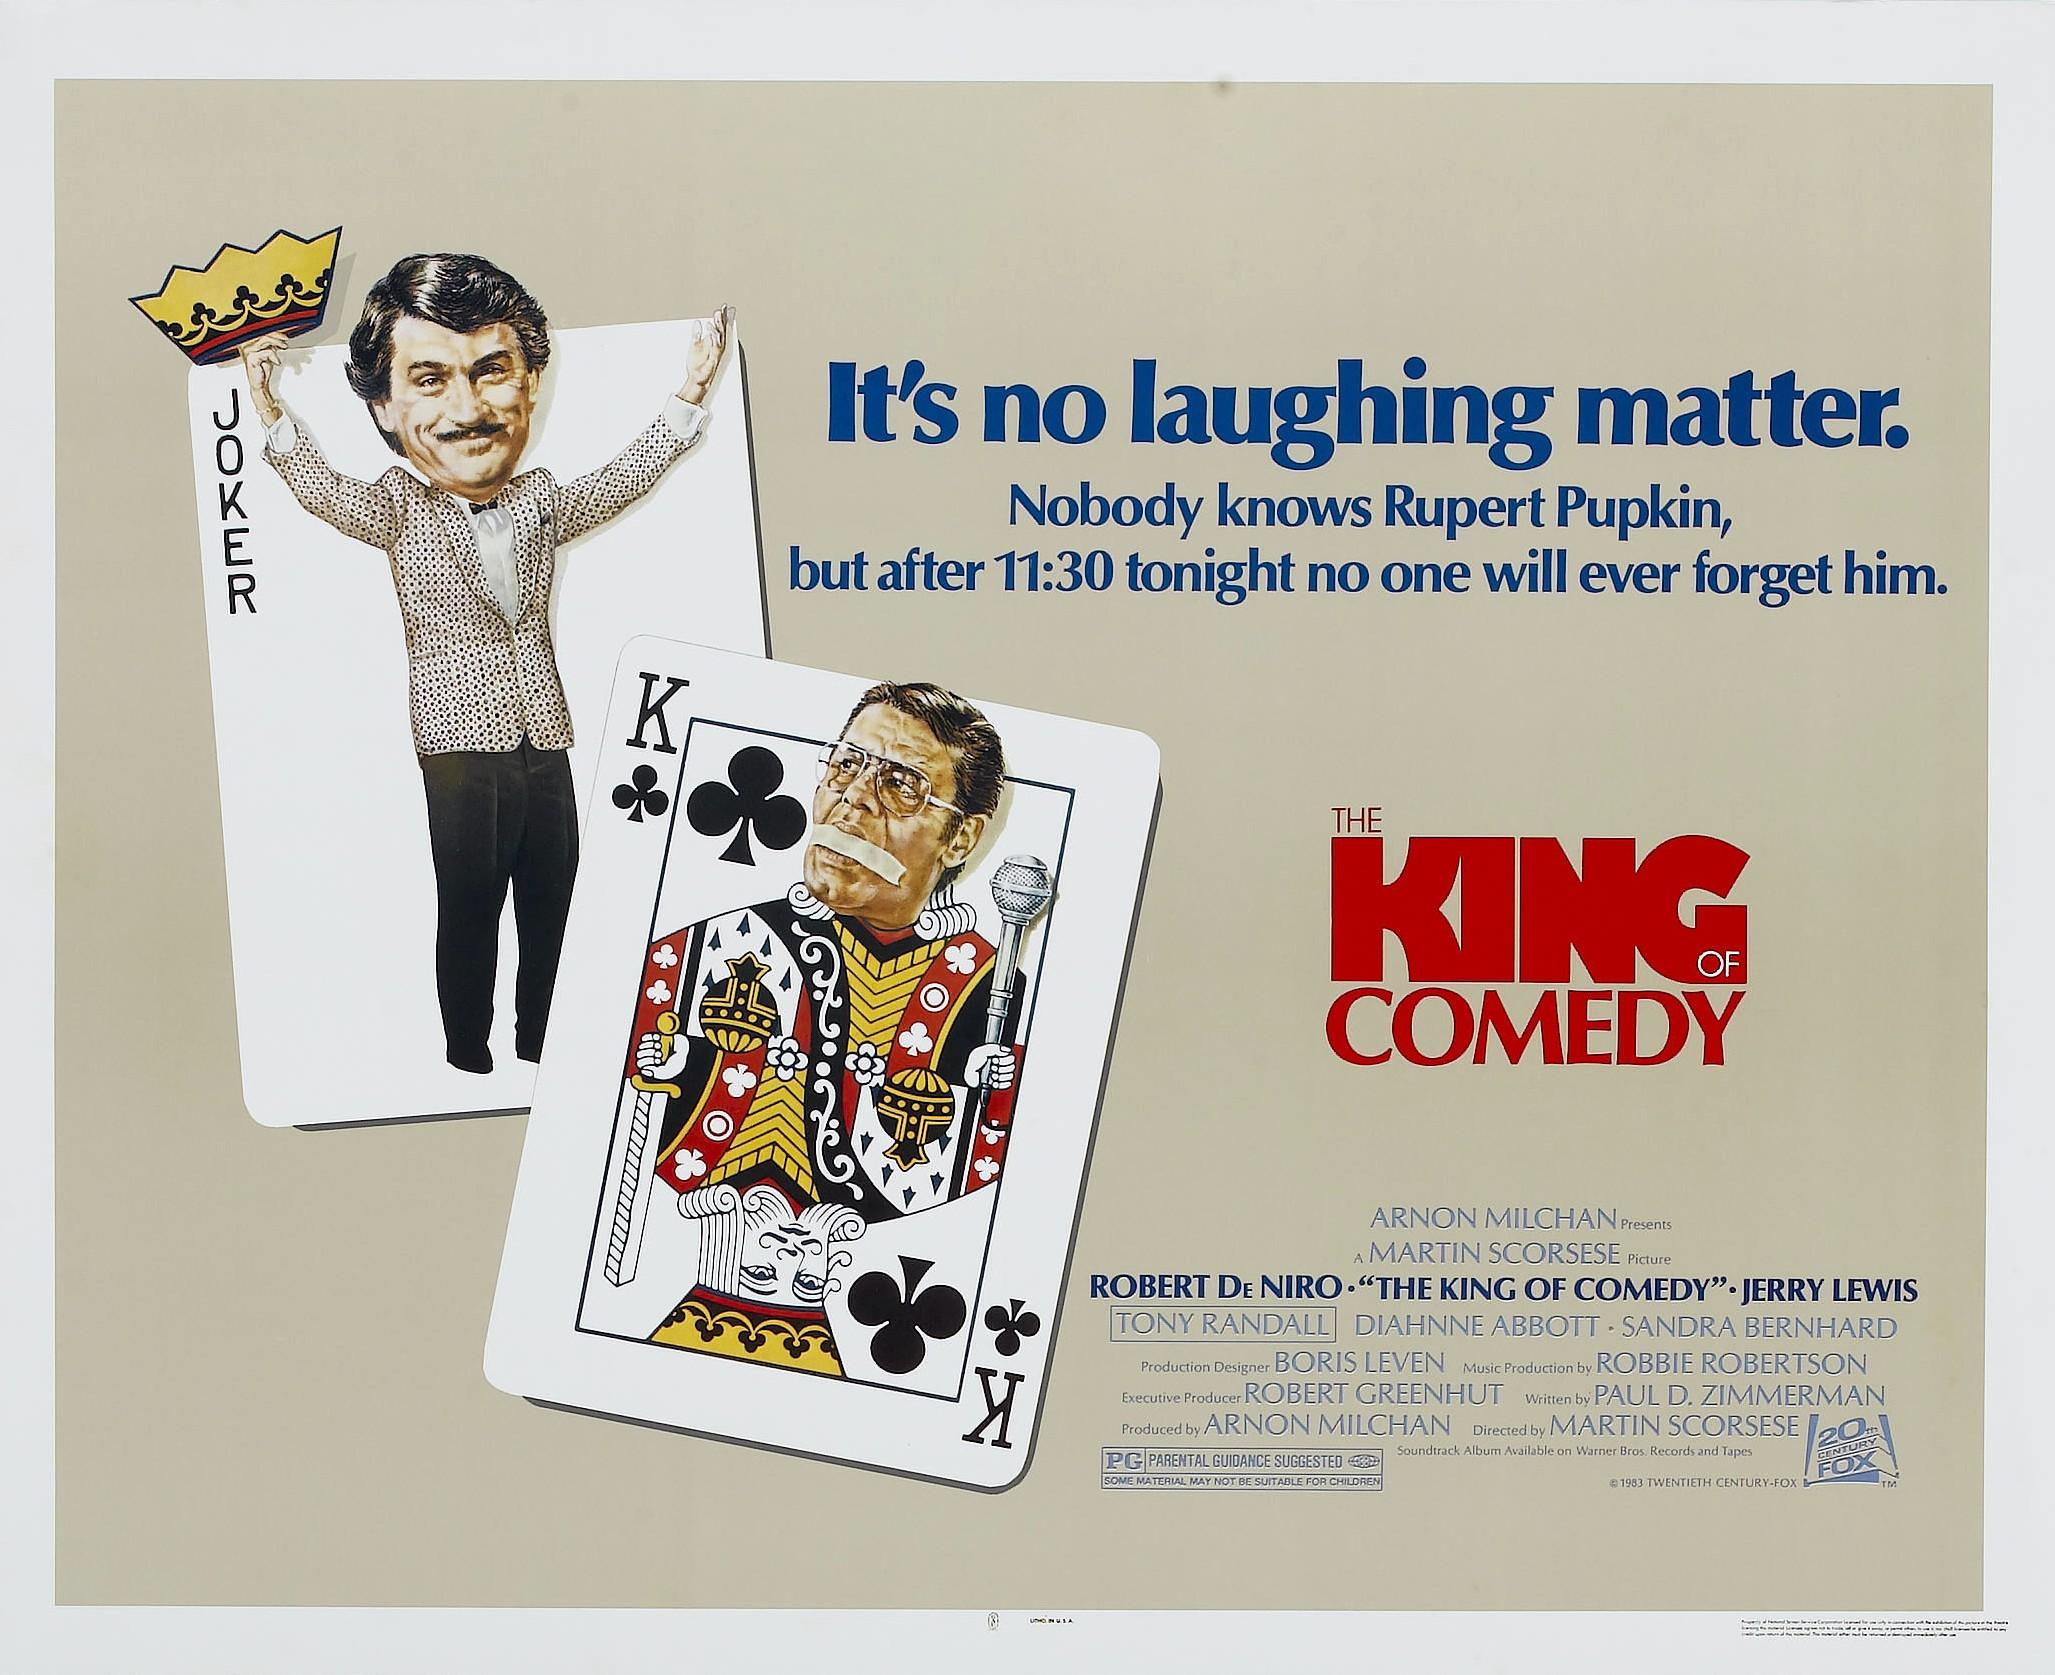 предлагаем король комедии постер создания предпраздничного